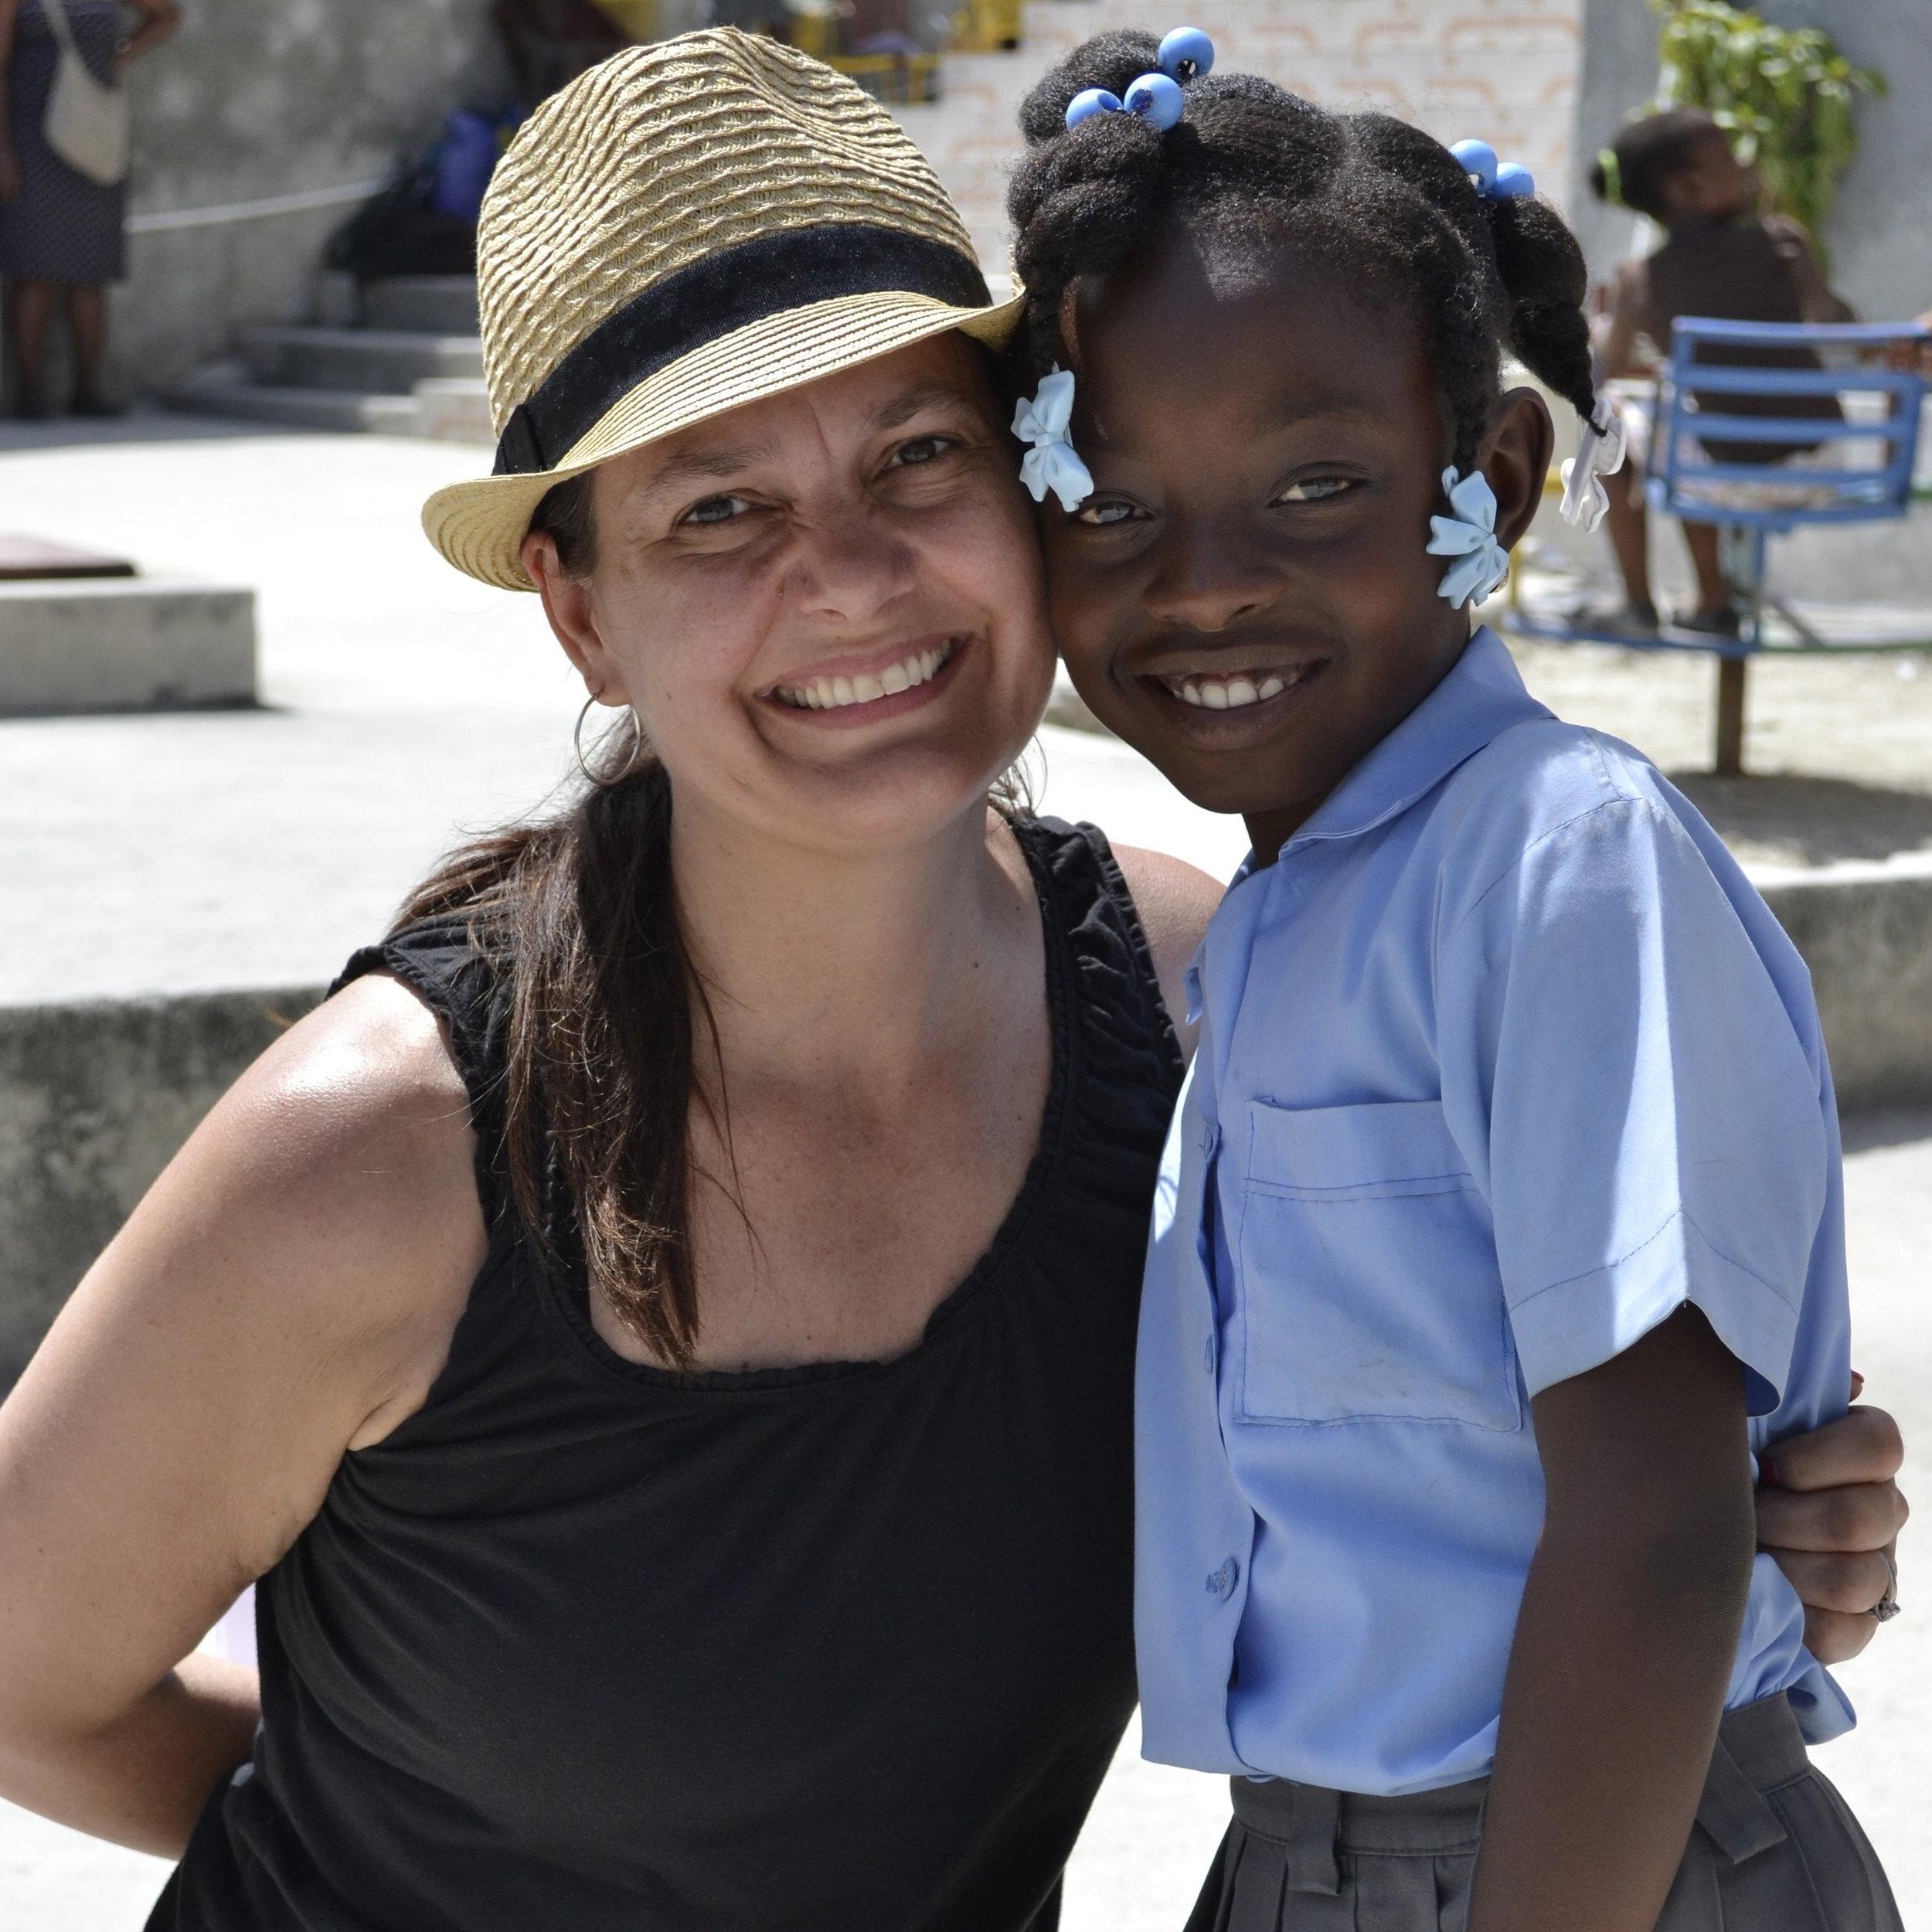 haiti2015_wednesday_0411.jpg